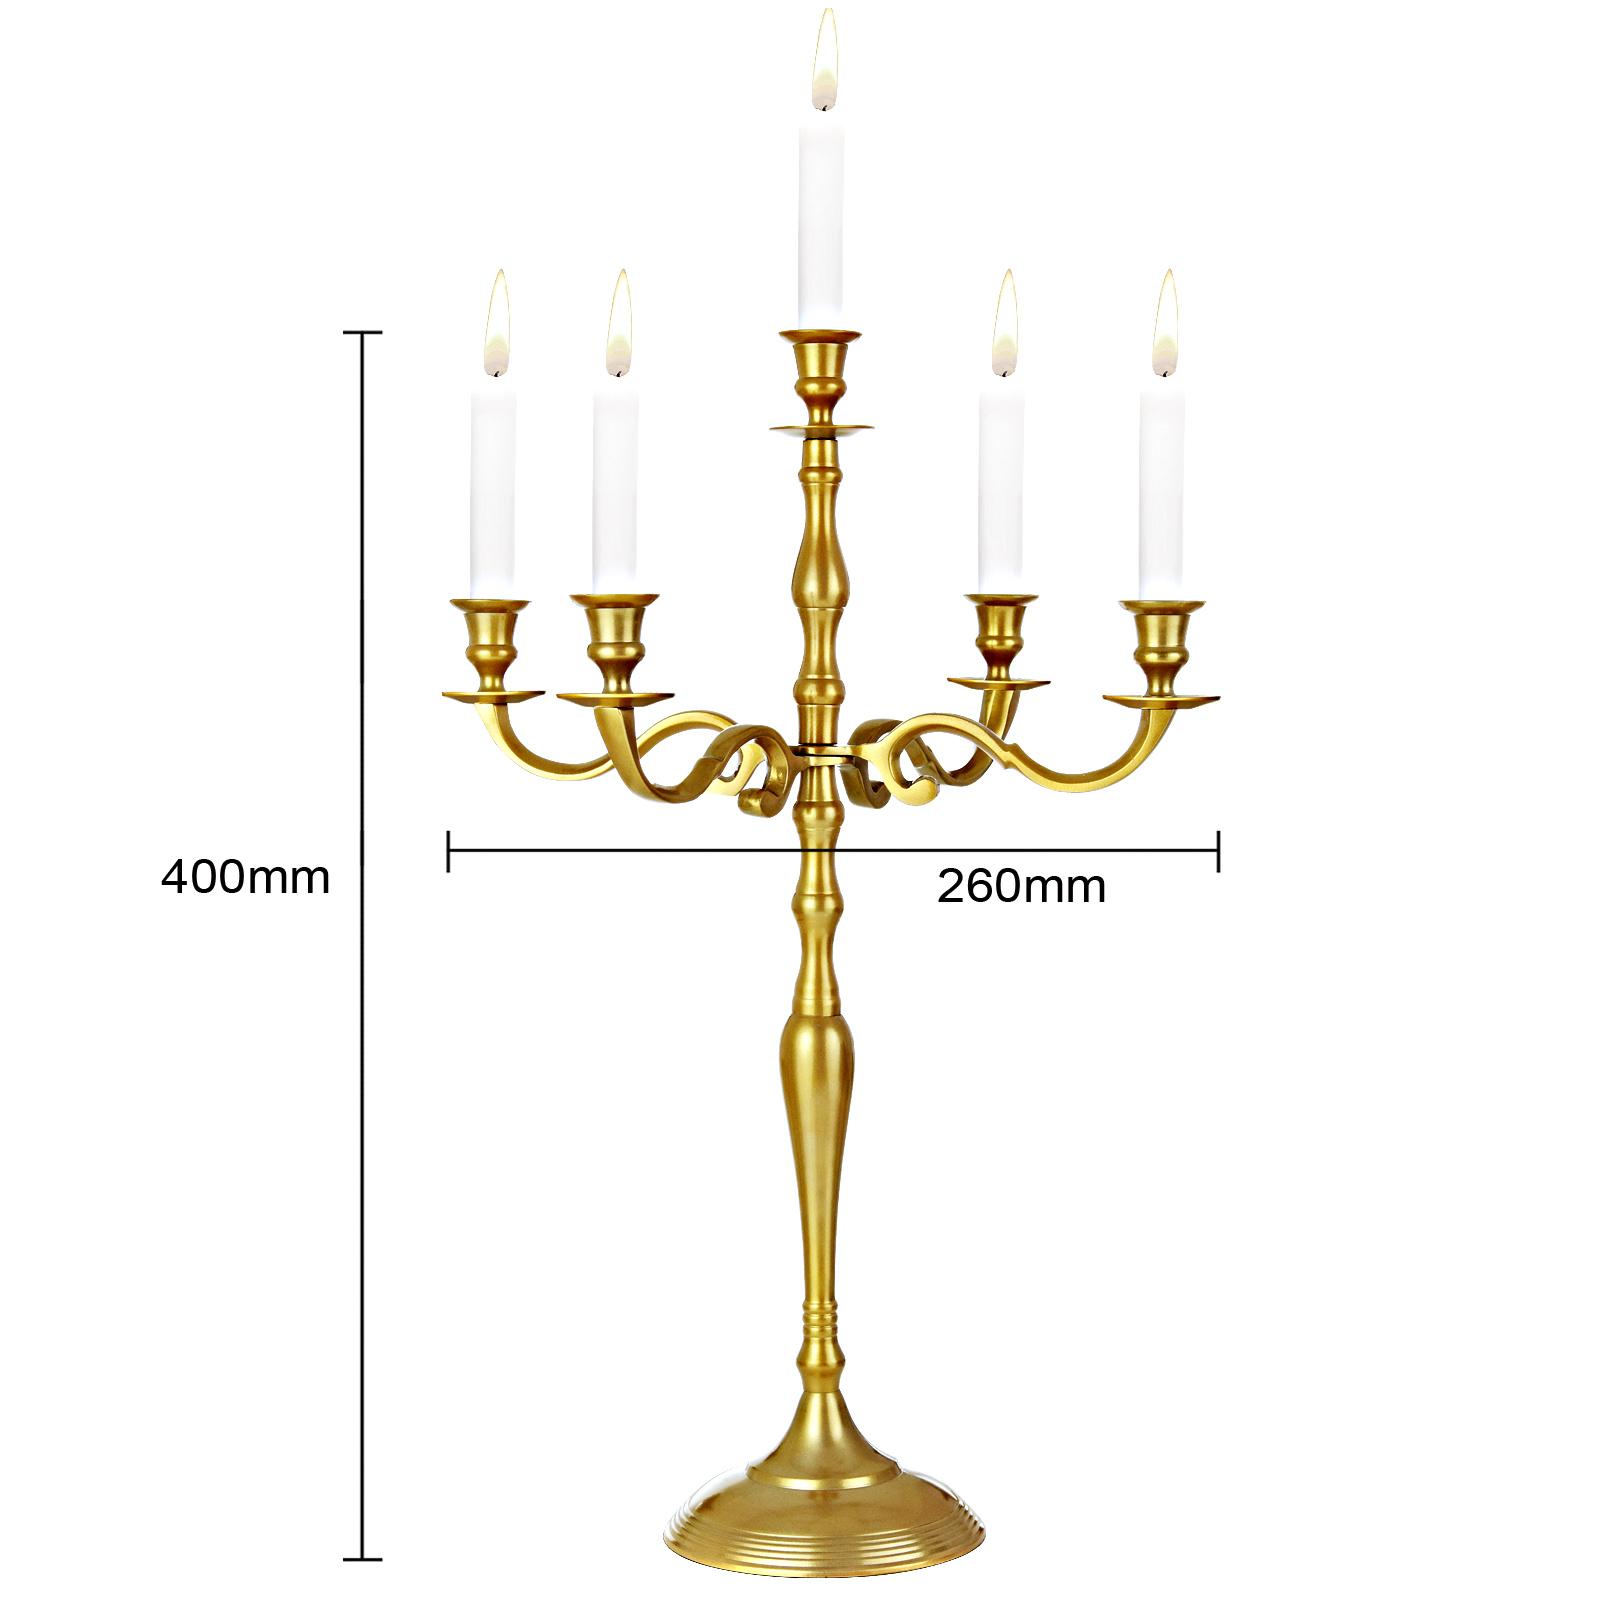 kerzenleuchter 5 armig kerzenst nder kandelaber kerzenhalter leuchter 40cm gold ebay. Black Bedroom Furniture Sets. Home Design Ideas